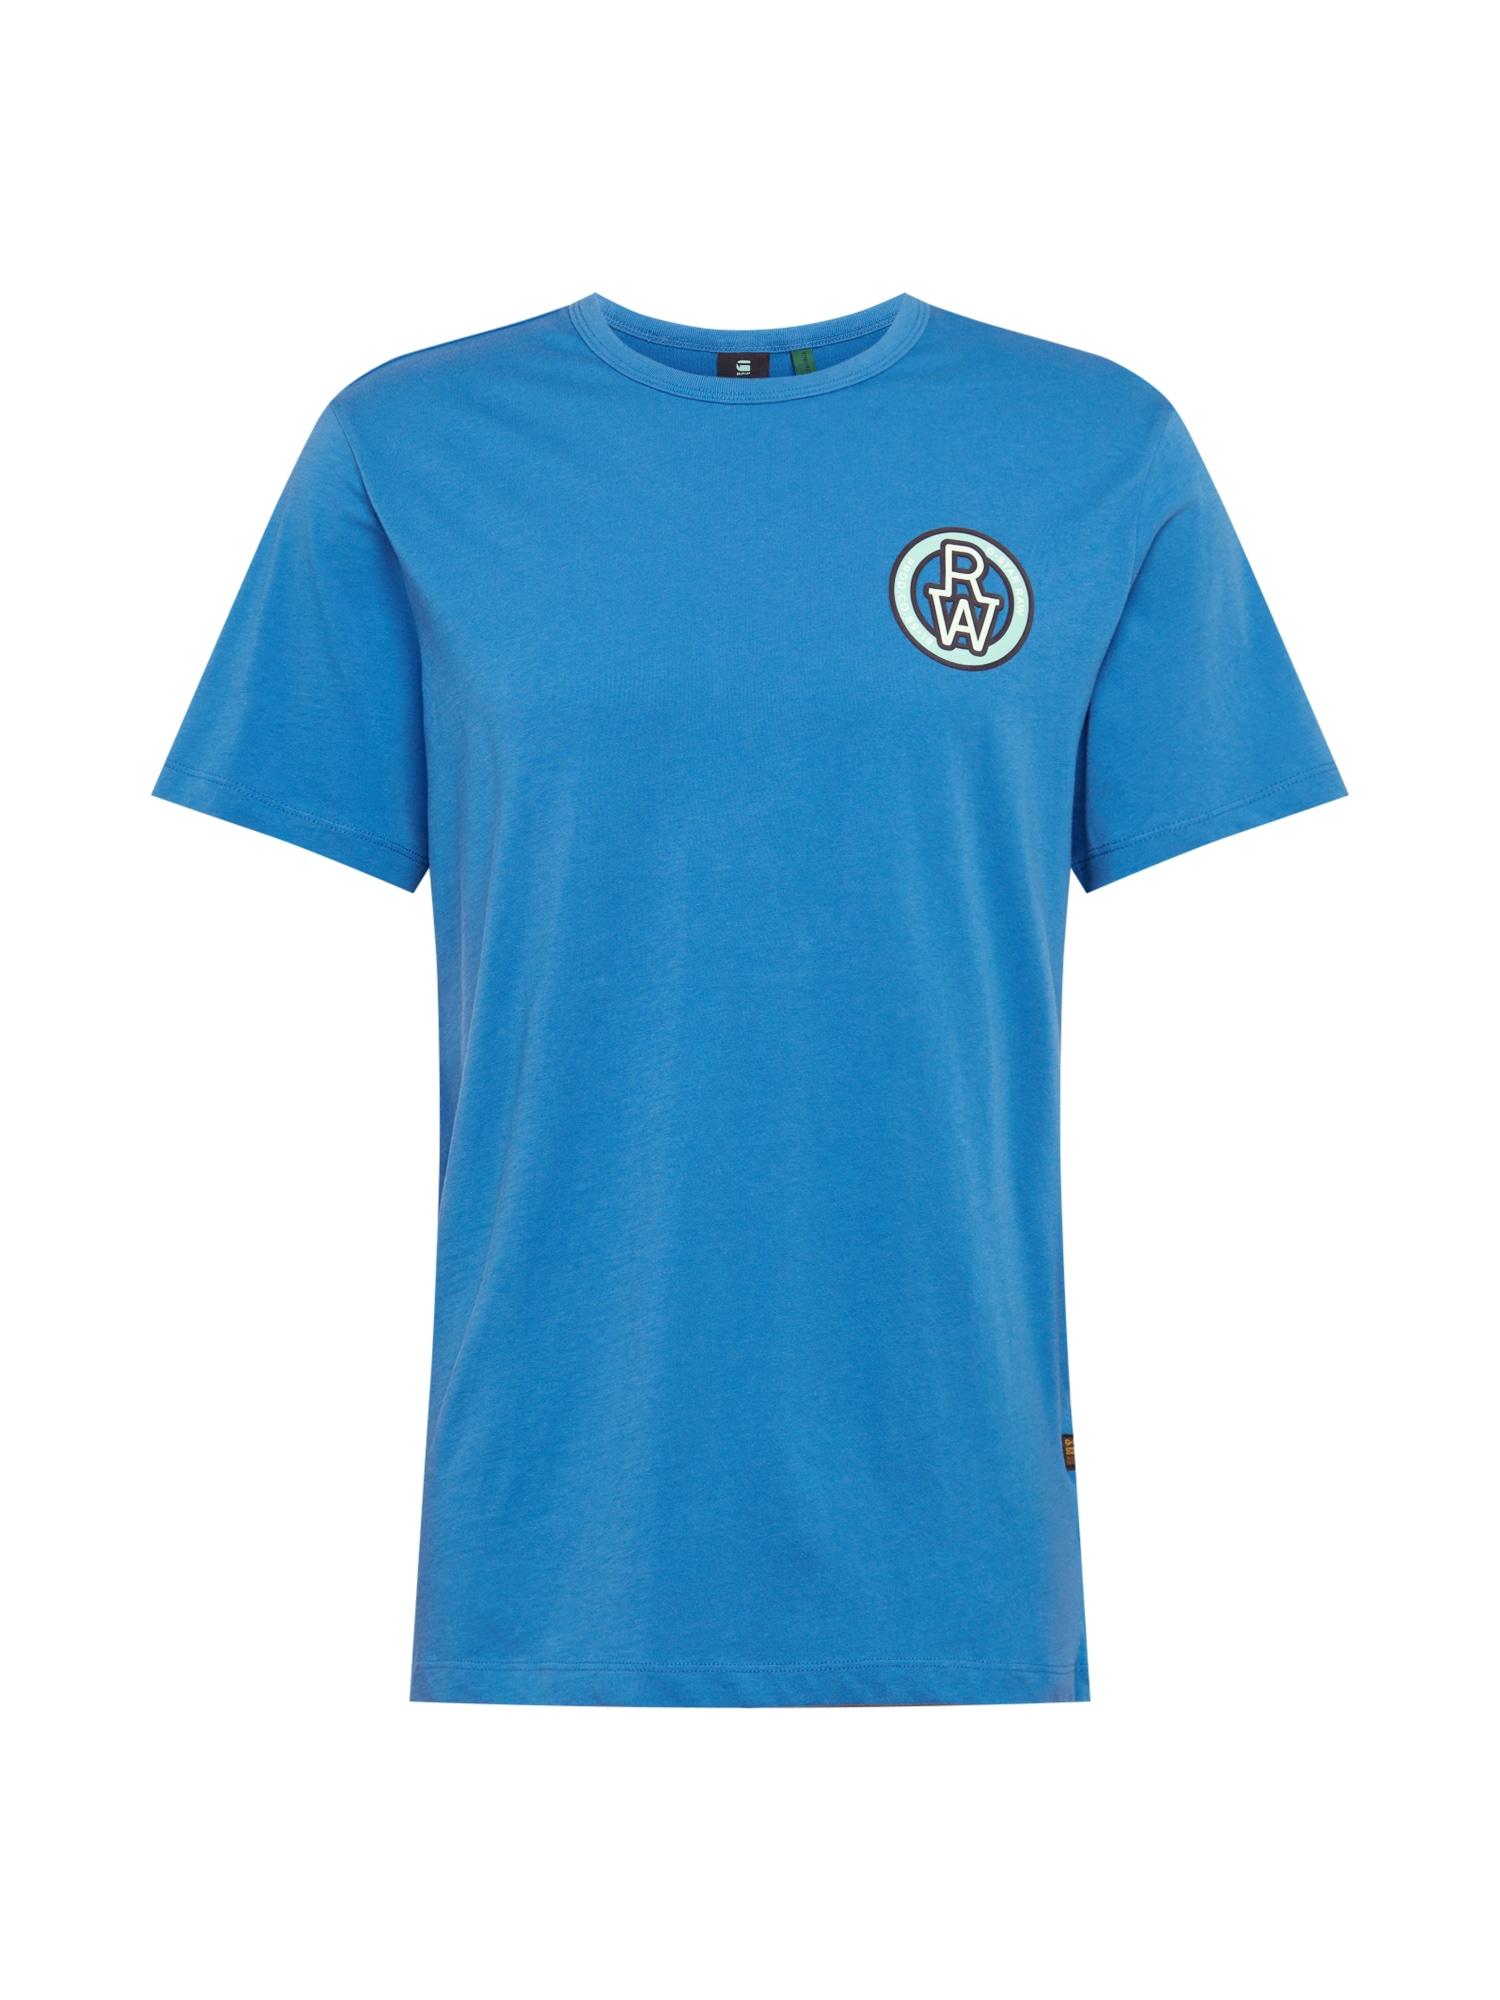 G-Star RAW Tričko  nebesky modrá